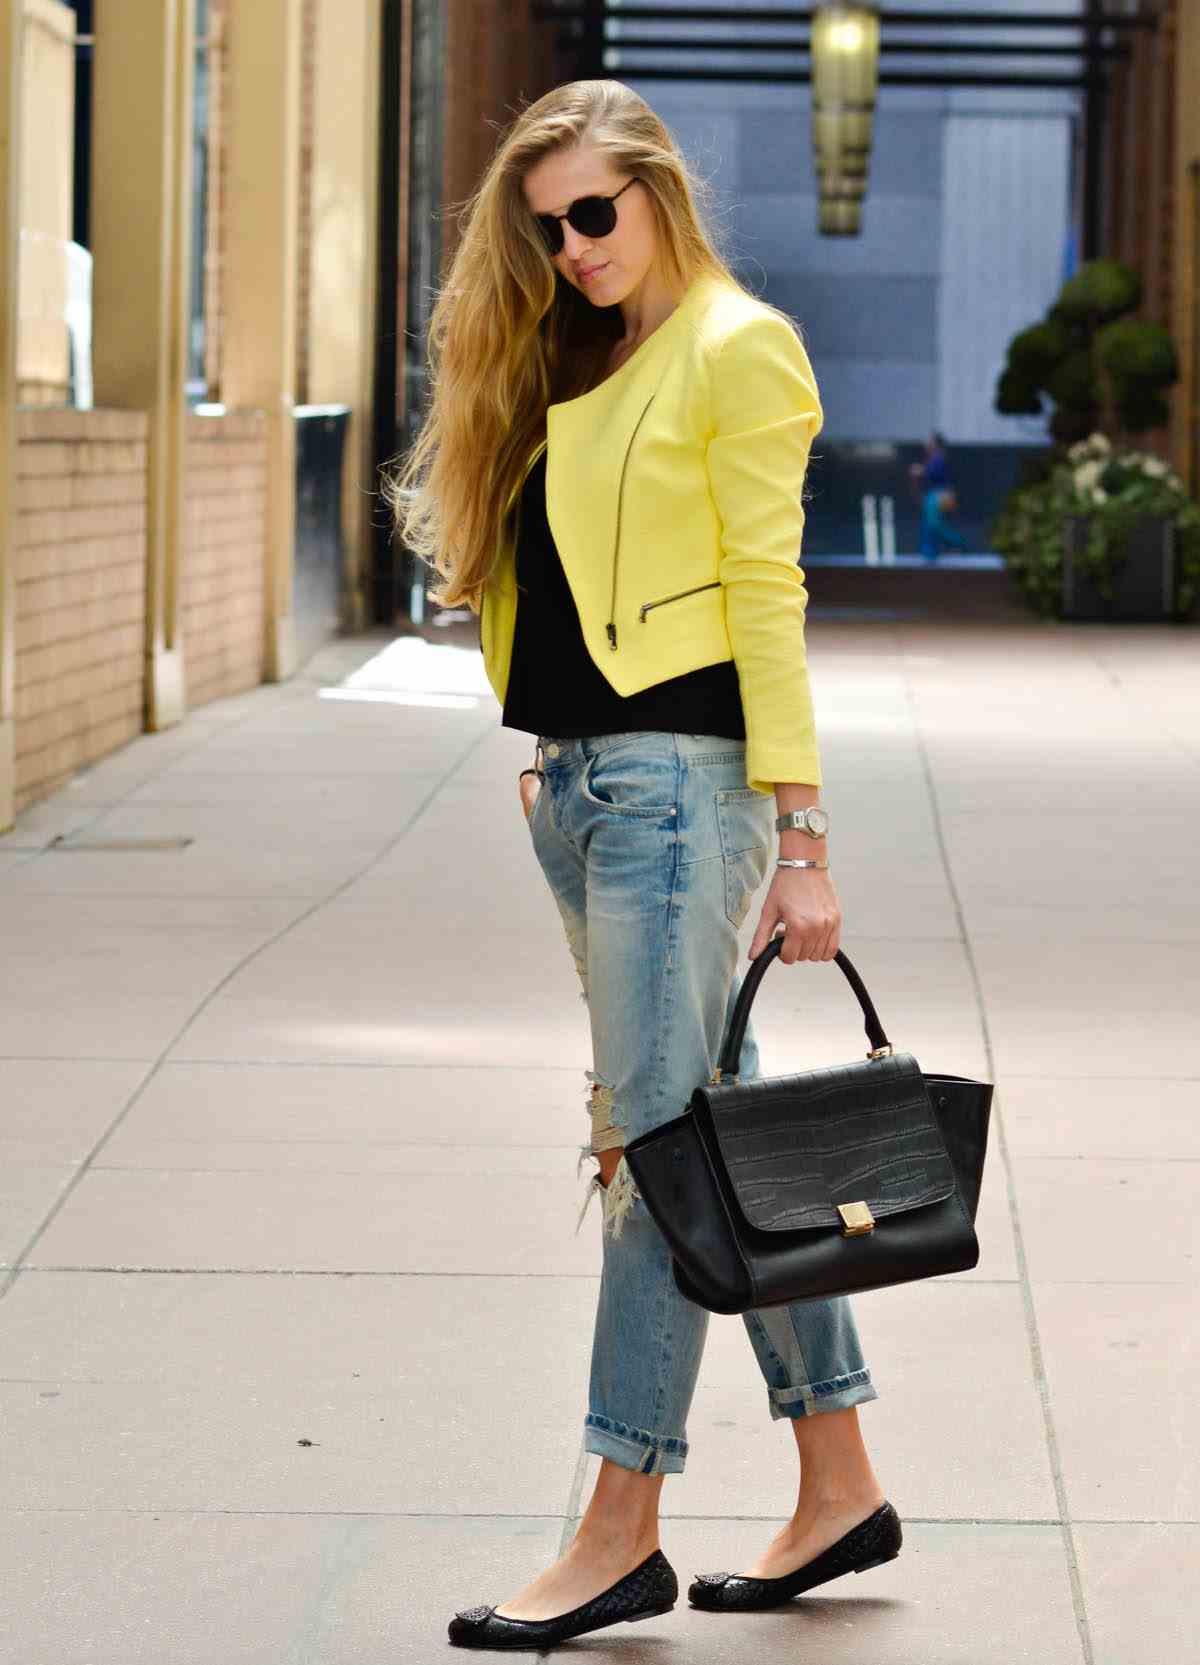 2019 2020 Sonbahar Kış Kombinleri - Kot Michael Kors, blazer ceket Zara, çanta Celine, Givenchy, babet, güneş gözlüğü FIBI & clo